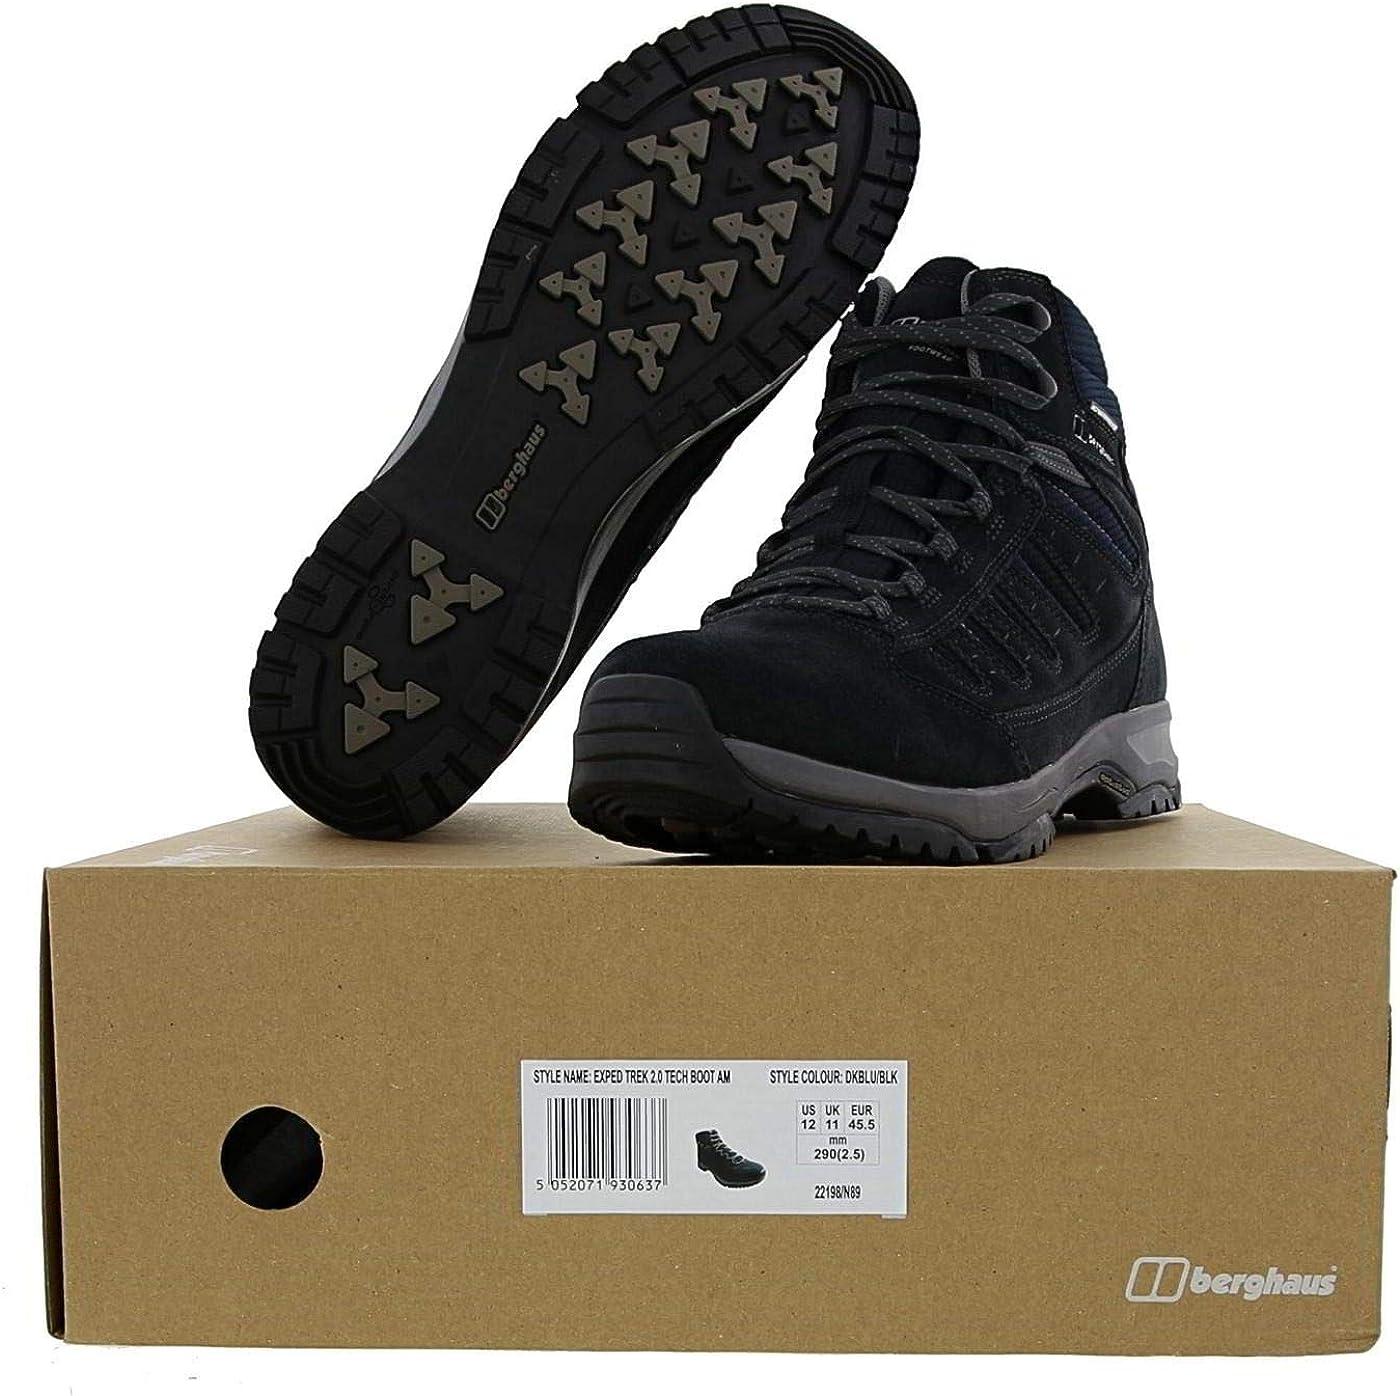 Berghaus Mens Expeditor Trek 2.0 Waterproof Walking Boots